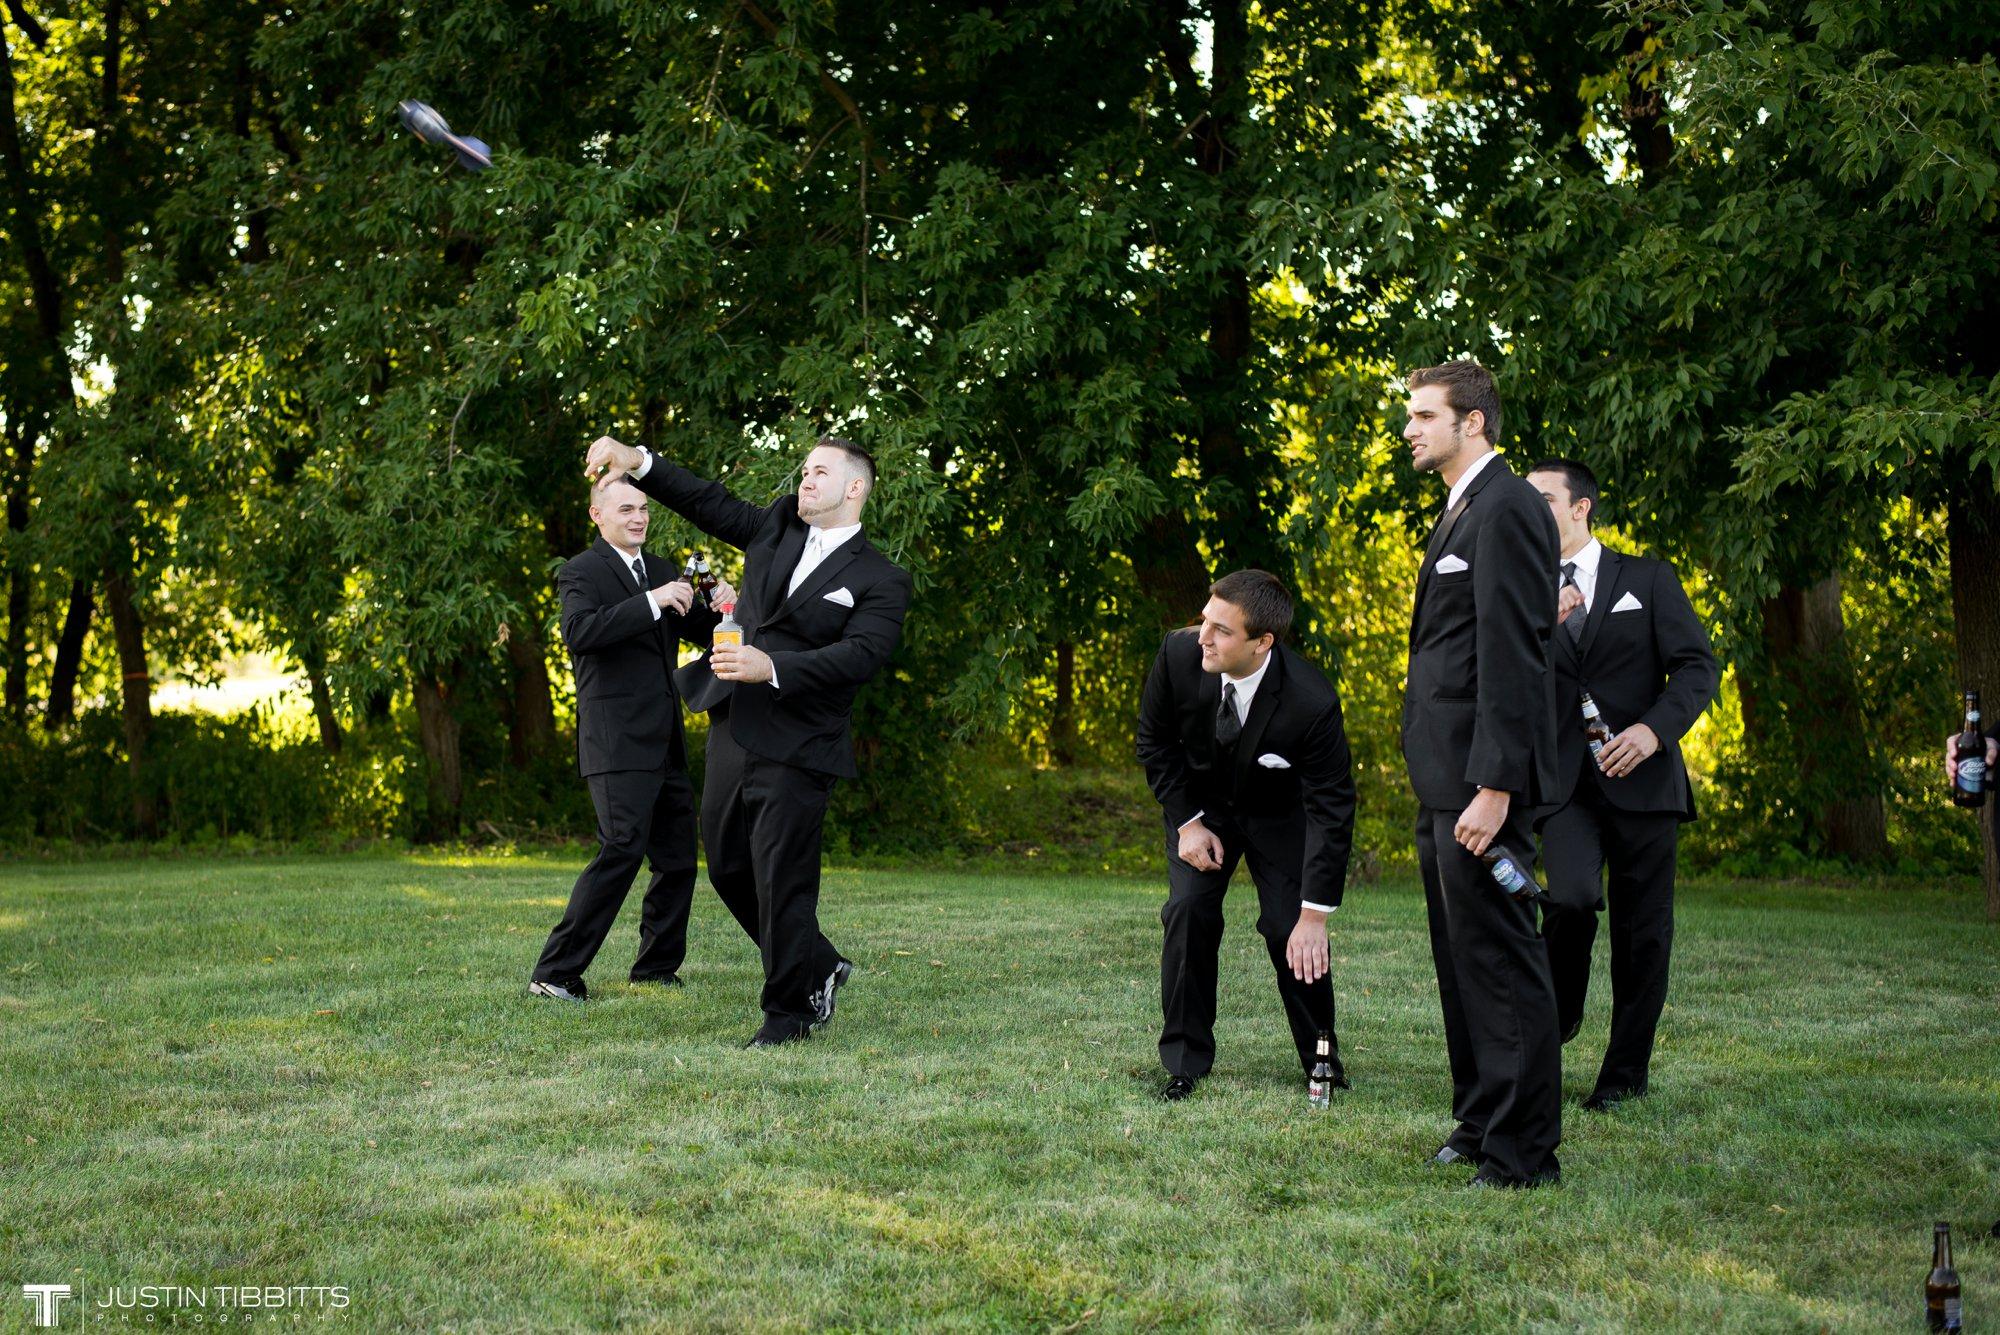 Albany NY Wedding Photographer Justin Tibbitts Photography 2014 Best of Albany NY Weddings-3772020